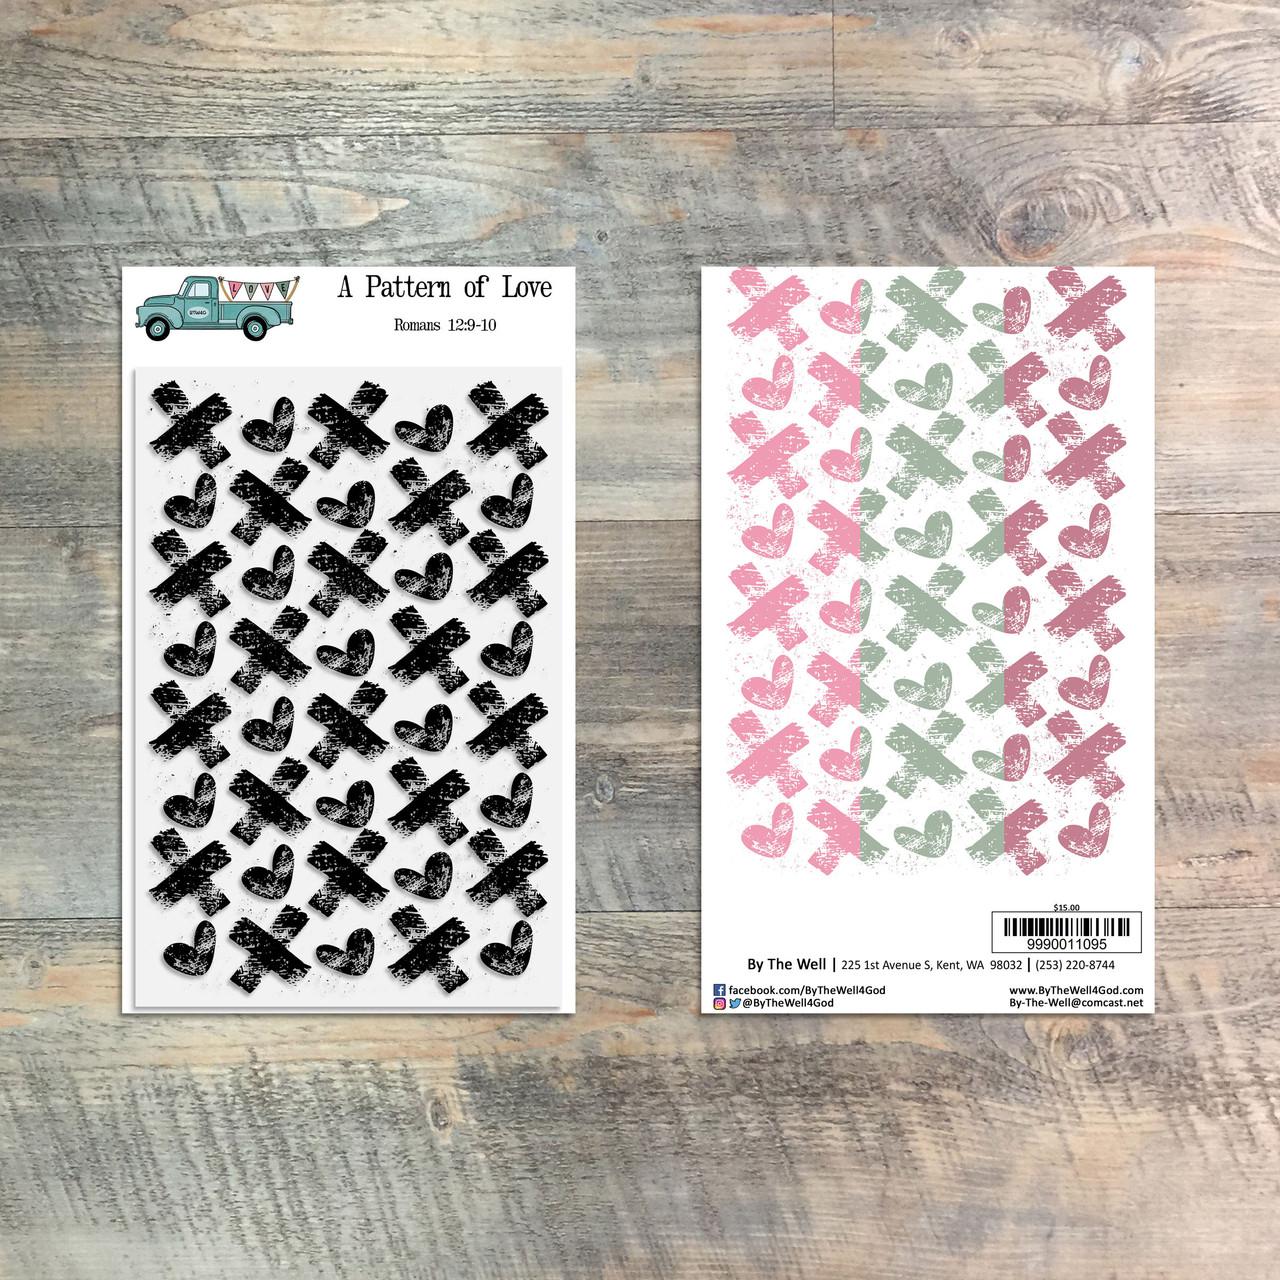 A Pattern of Love - 1 Piece Stamp Set - ByTheWell4God